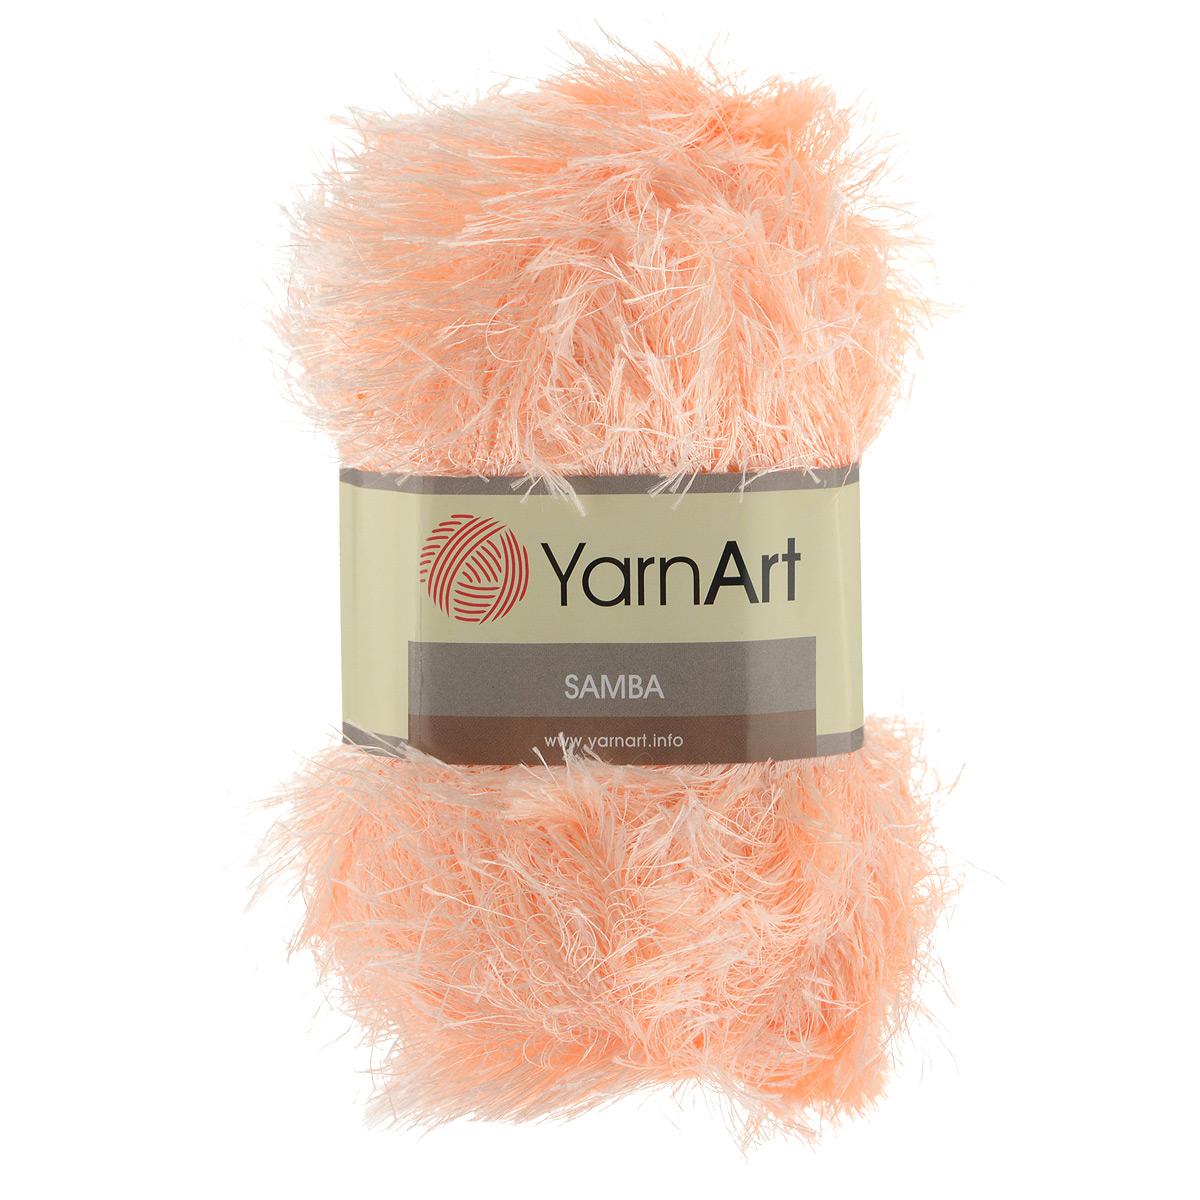 Пряжа для вязания YarnArt Samba, цвет: персиковый (204), 150 м, 100 г, 5 шт372009_204Пряжа Samba представляет собой яркий пример отделочной нити, с помощью которой можно придать оригинальность и красоту каждому изделию. Нить удобна тем, что подлежит работе и крючком, и спицами. Также можно использовать в одном изделии как одну пряжу Samba, так и комбинировать с ней разные виды нити. То есть, если вязать пряжей Samba, получается просто пушистое полотно, не сохраняющее тепло, обладающее исключительно объемным видом. Если же вязать в две нити: Samba плюс акрил или шерсть, то вещь получается плотная, пушистая и теплая. Пряжа удобна тем, что не требует особых изысков в выборе узора - пушистый ворс нитки делает привлекательным даже обыкновенную гладь. Нить Samba скрученная, средней толщины, послушна в работе, удобно скользит. Состав: 100% полиэстер. Рекомендованные спицы №5,5, крючок №5,5.